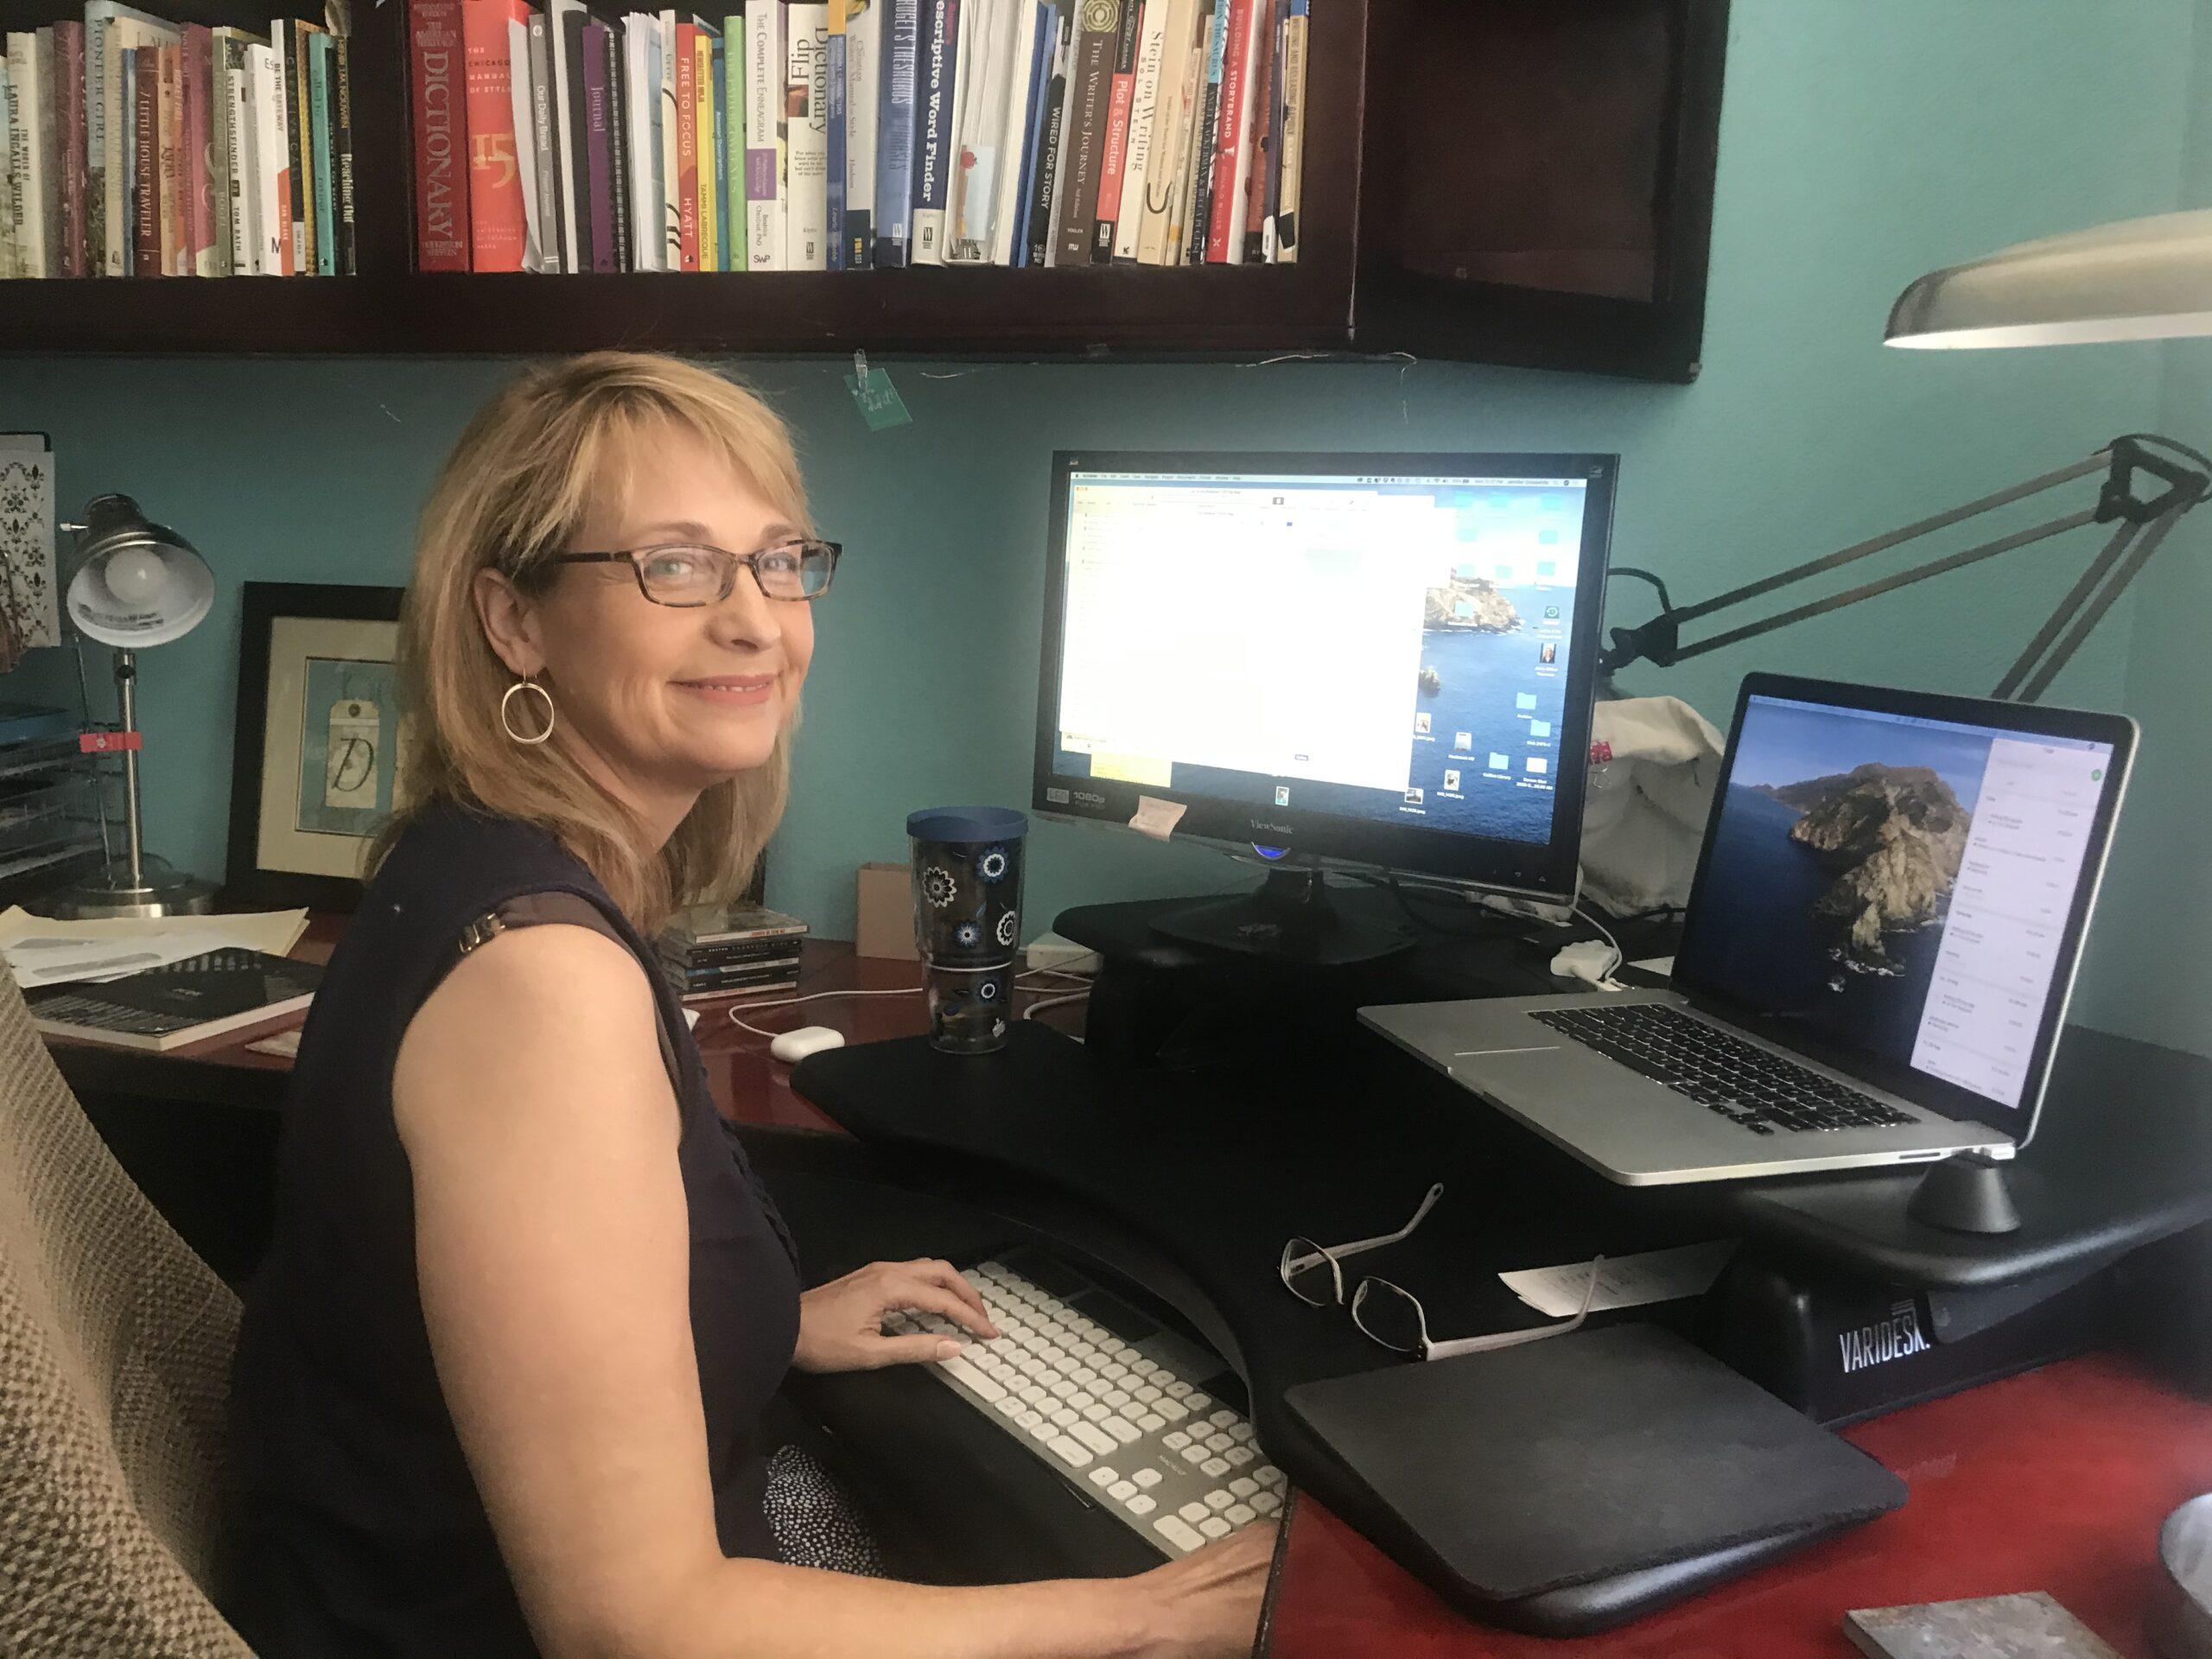 Jennifer Crosswhite at her desk